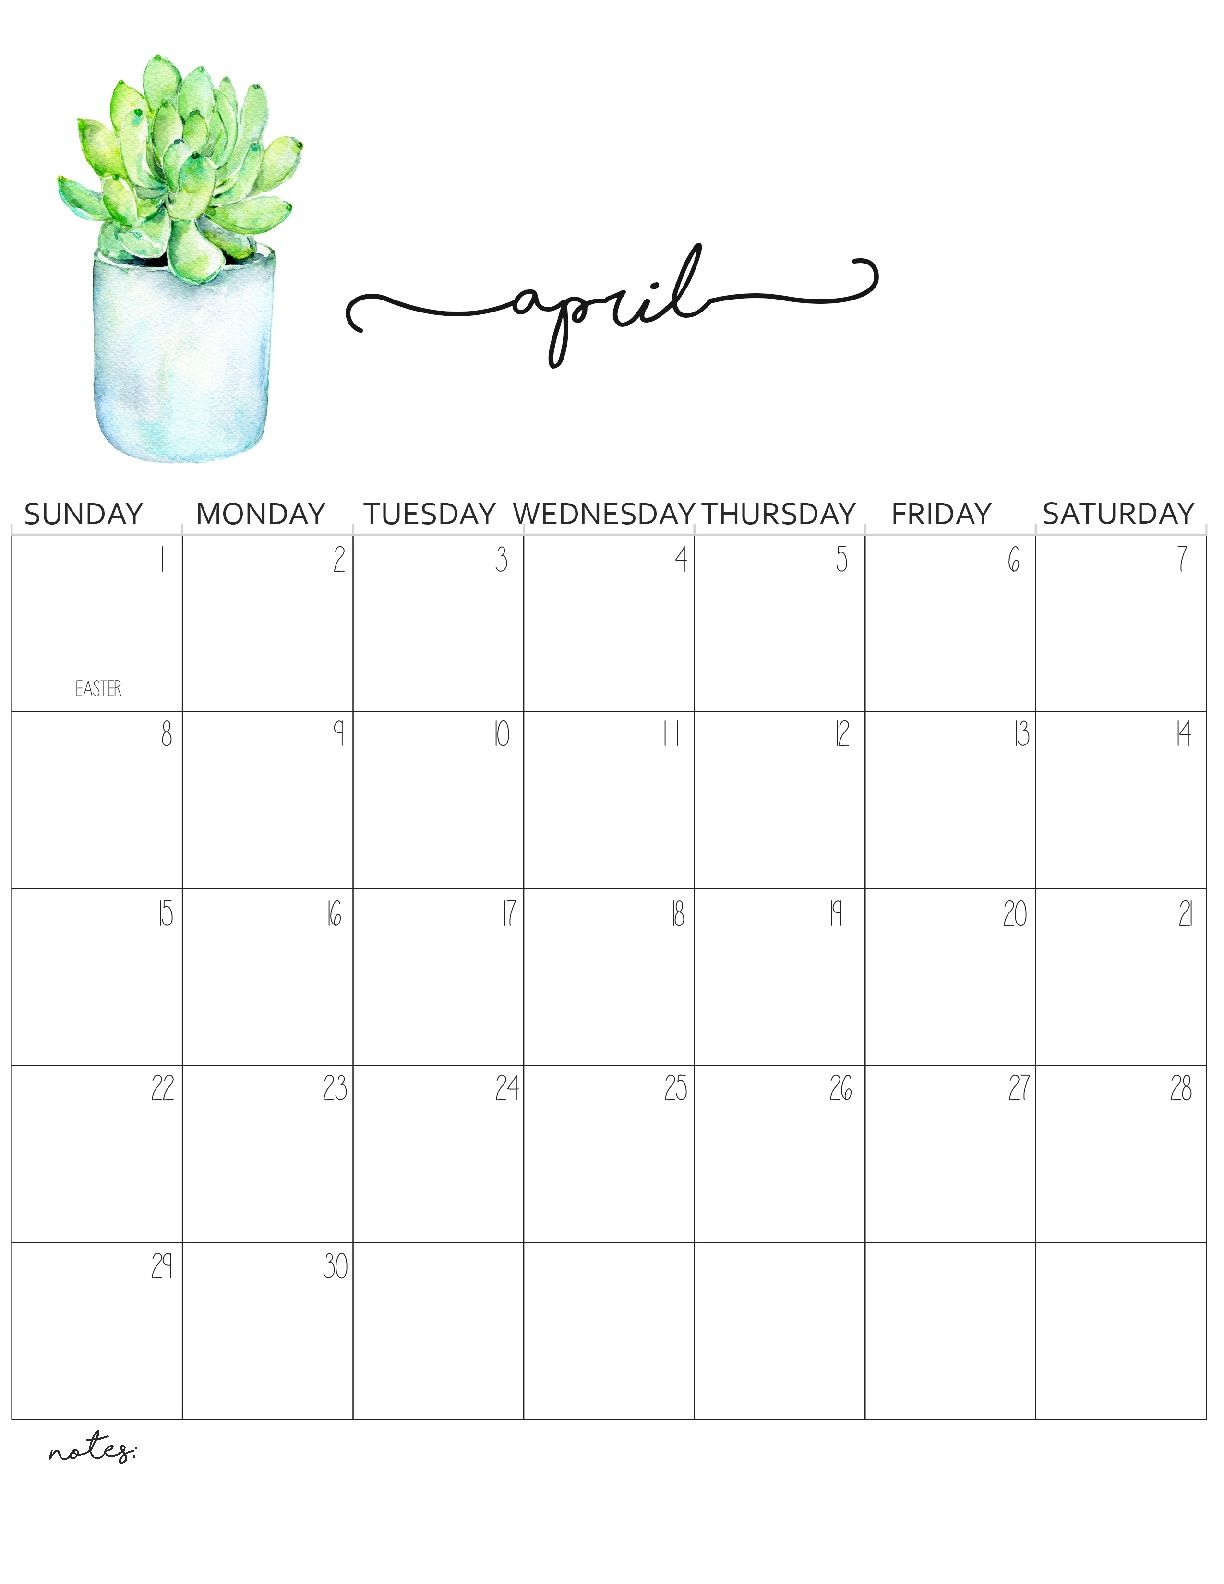 Планер На 2018 Год (С Изображениями) | Календарь Для Печати